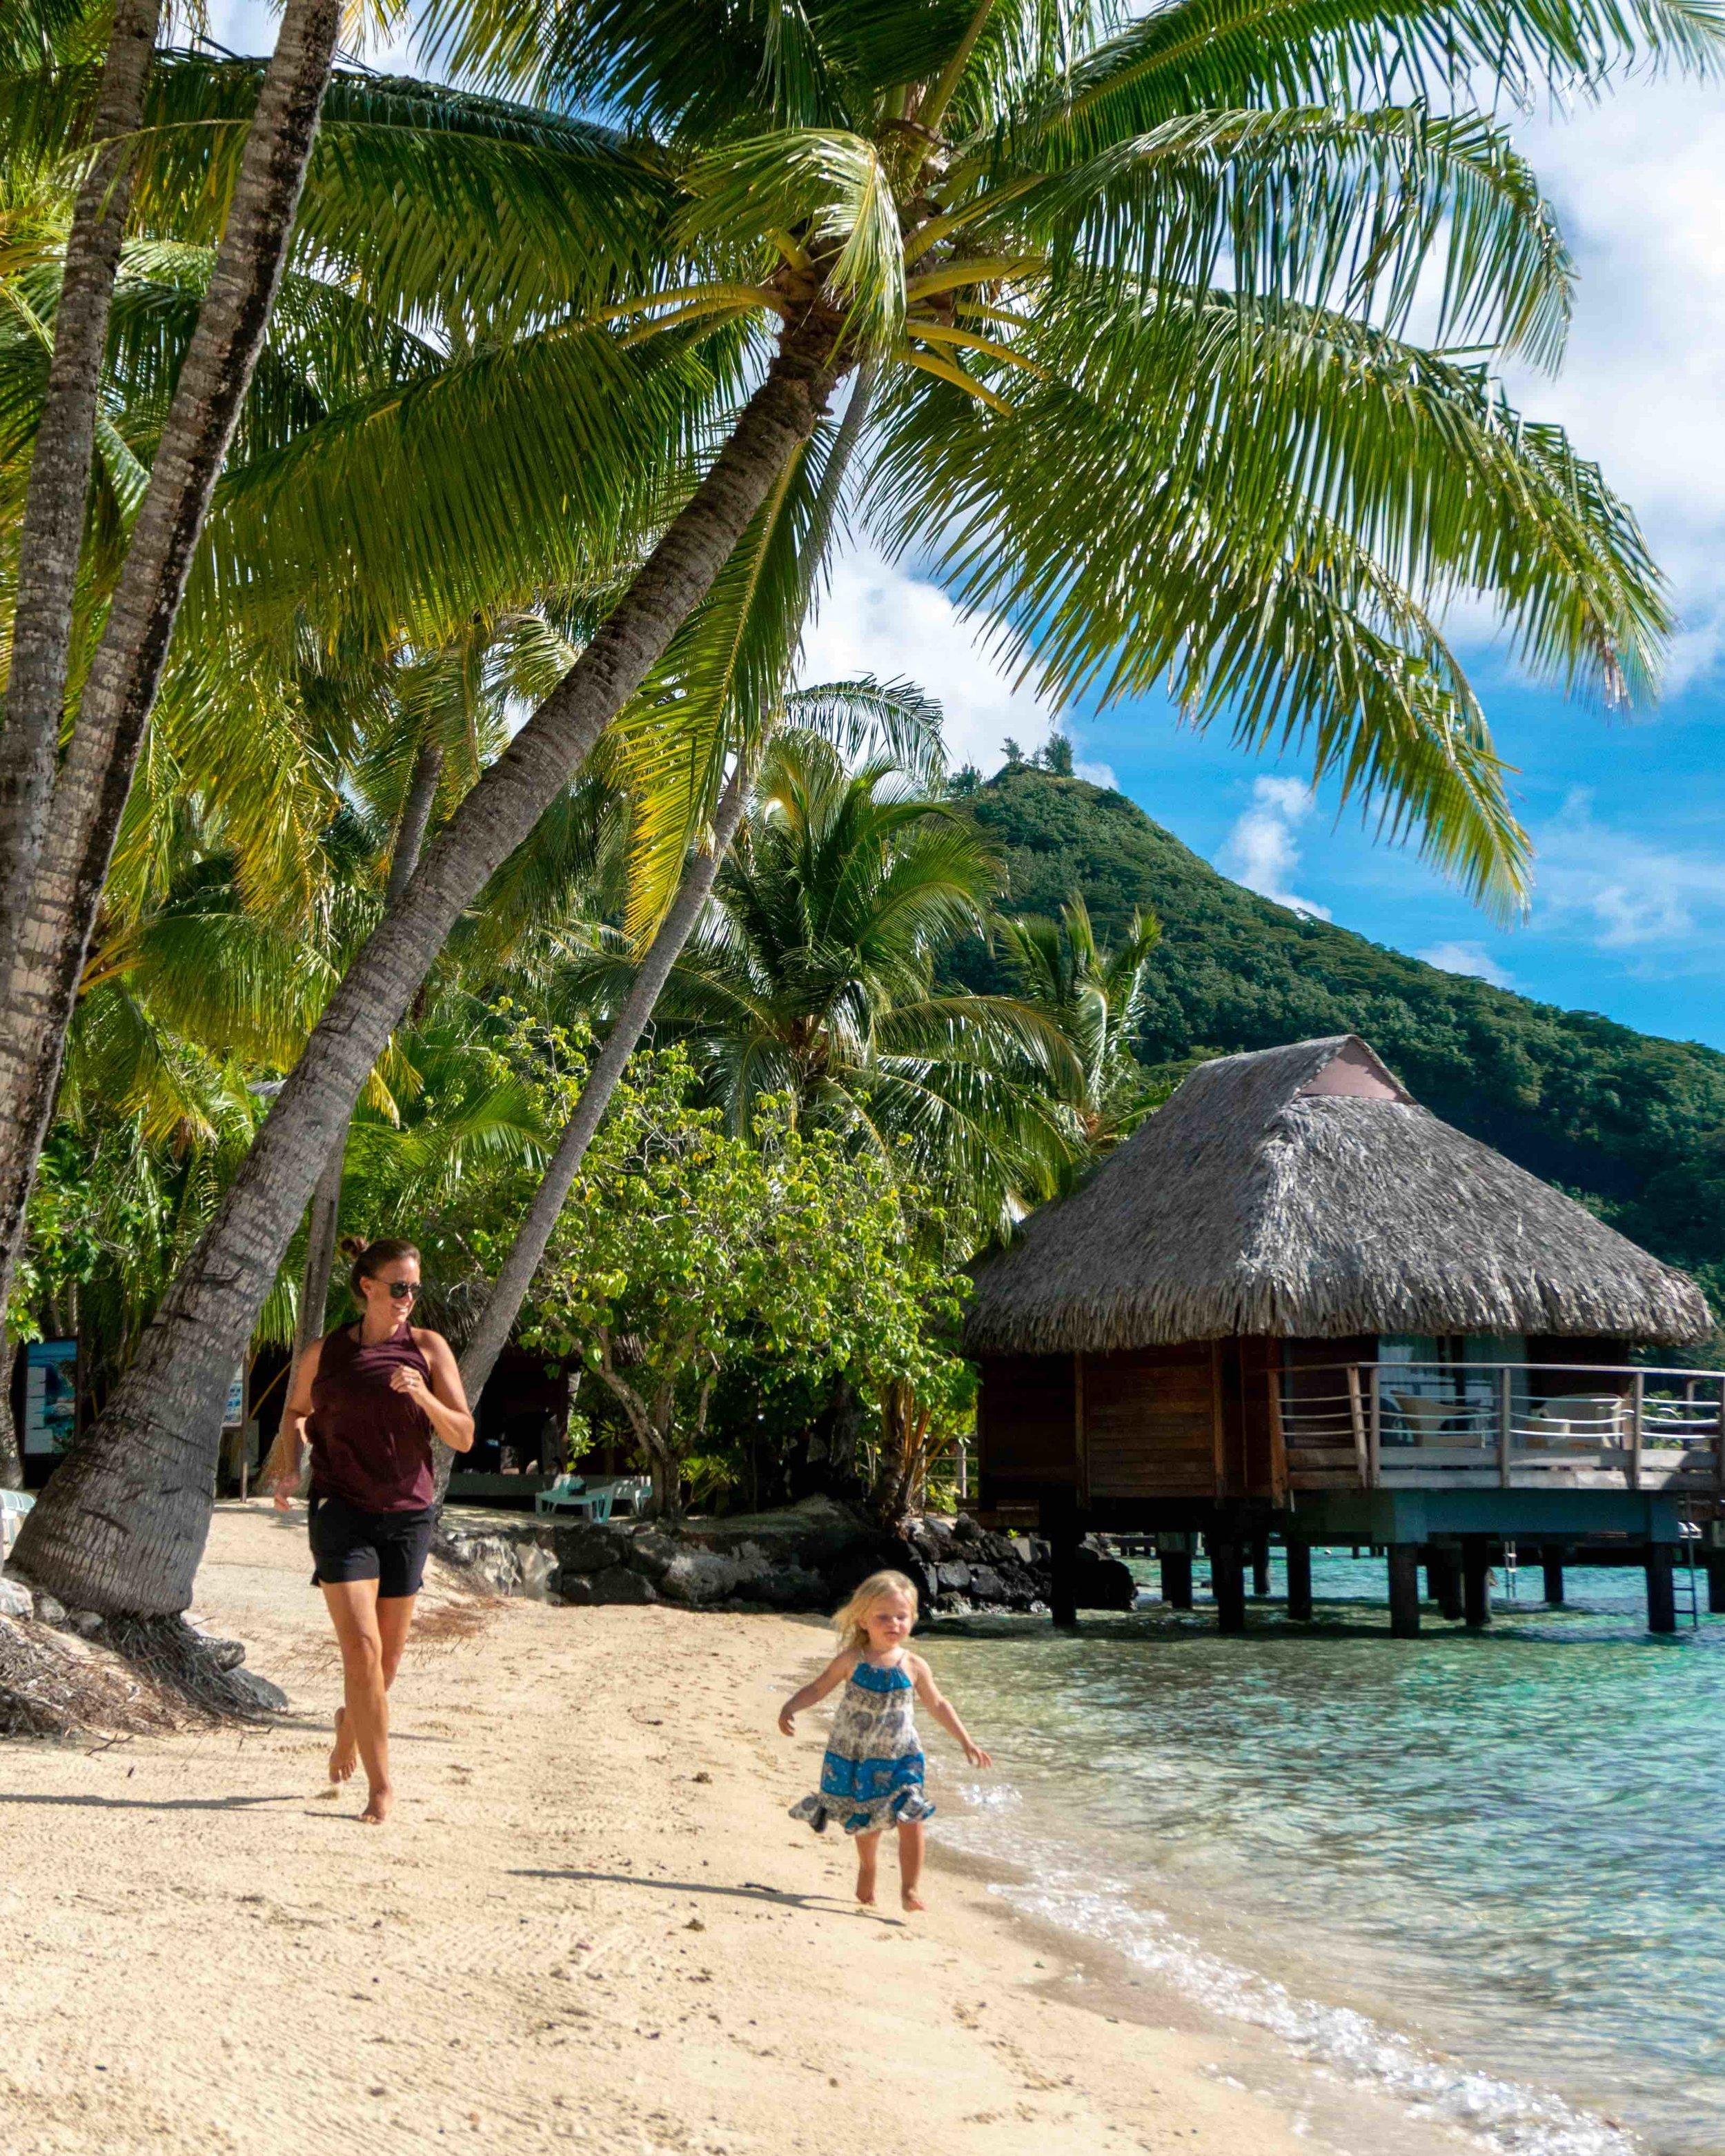 tropical_paradise_beach_island_bora bora_bungalow_south pacific_beach_running 3.jpg